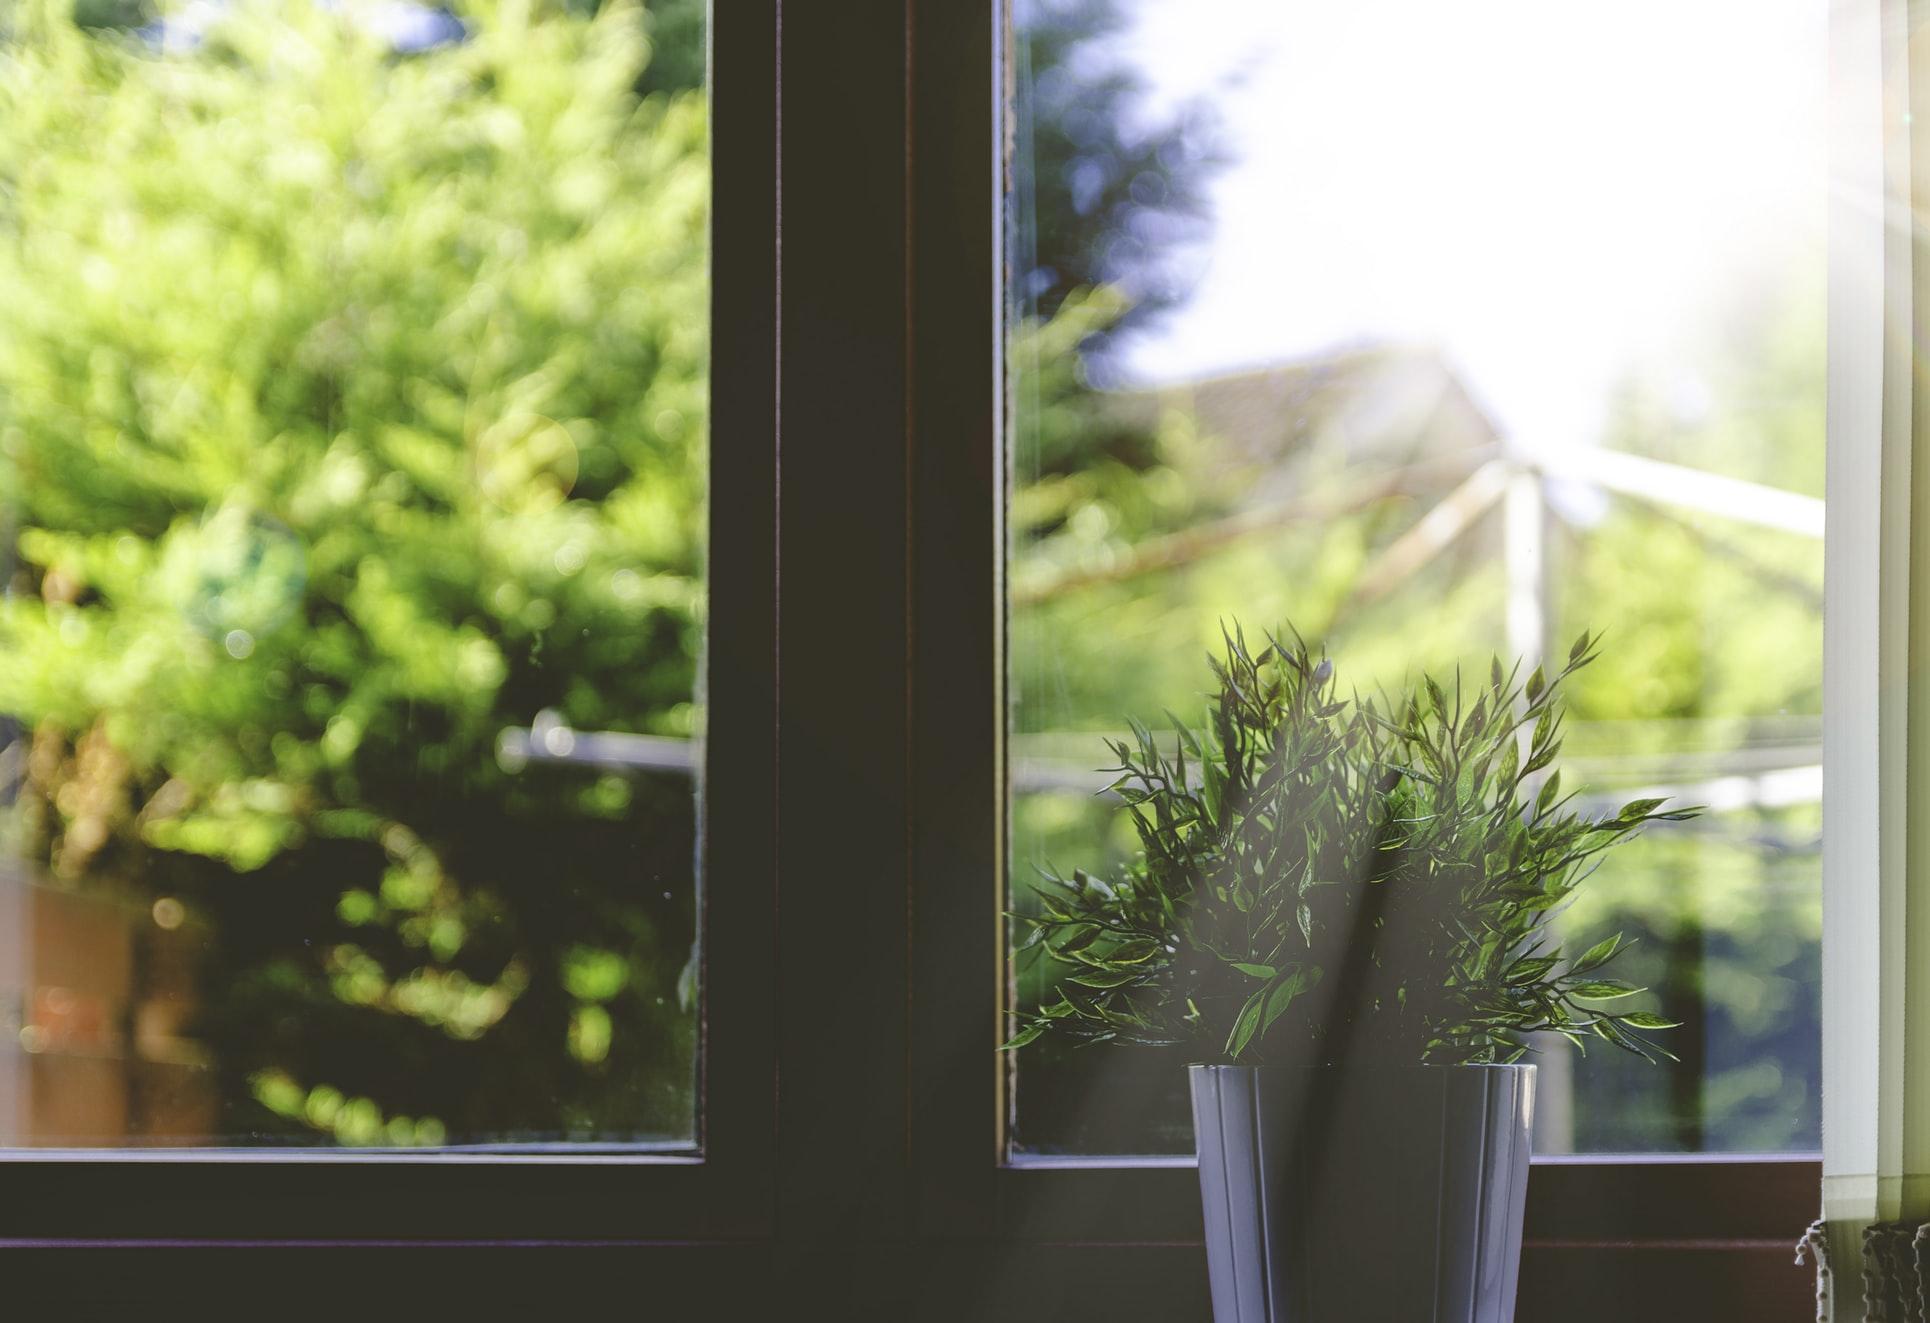 Full Size of Polnische Fenster Suche Fensterhersteller Polen Erfahrungen Firma Fensterbauer Mit Montage Kaufen Online Qualitt Aus Konfigurator Türen Sicherheitsfolie Fenster Polnische Fenster